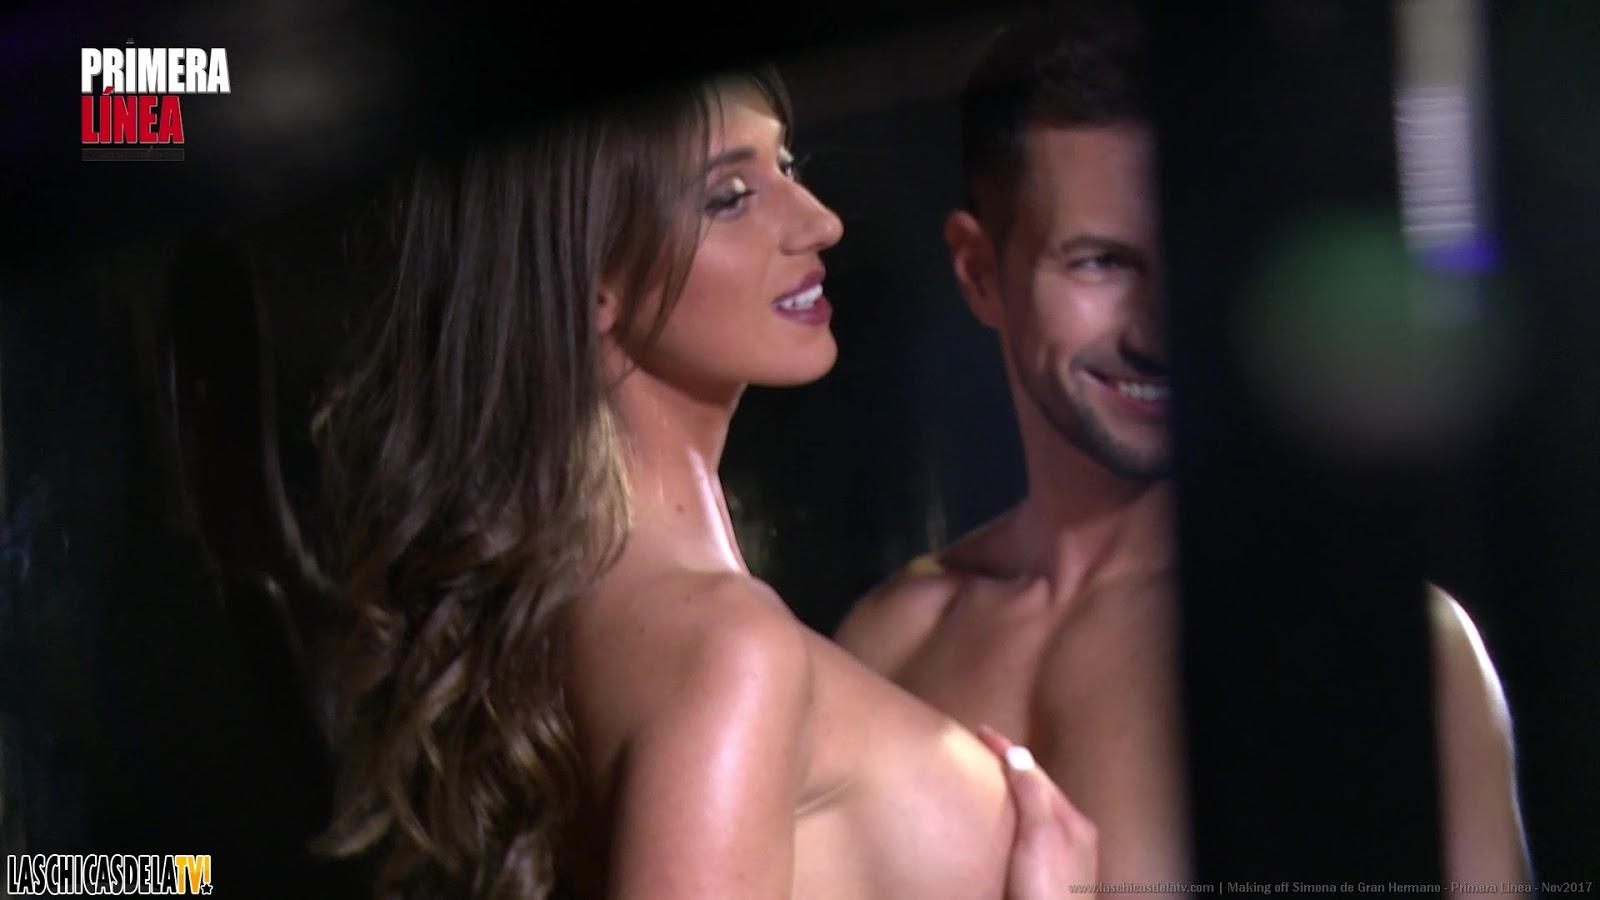 Simona De Gh17 Desnuda En Primera Linea Laschicasdelatv